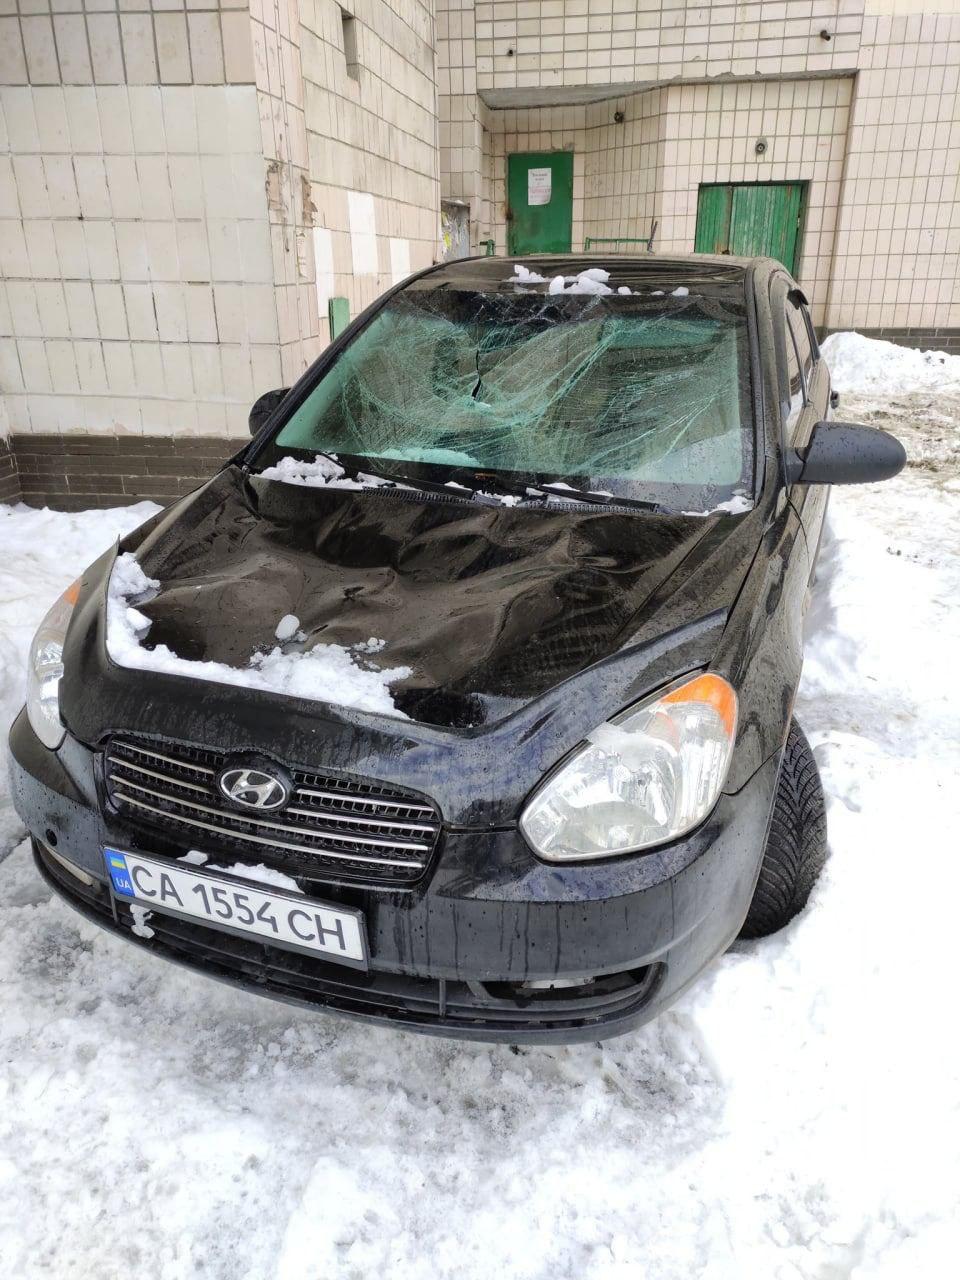 Бережіть транспорт від бурульок: скільки автівок пошкоджено у Києві - Транспорт, сніг, лід, бурульки, автомобіль - photo5303408399033152187